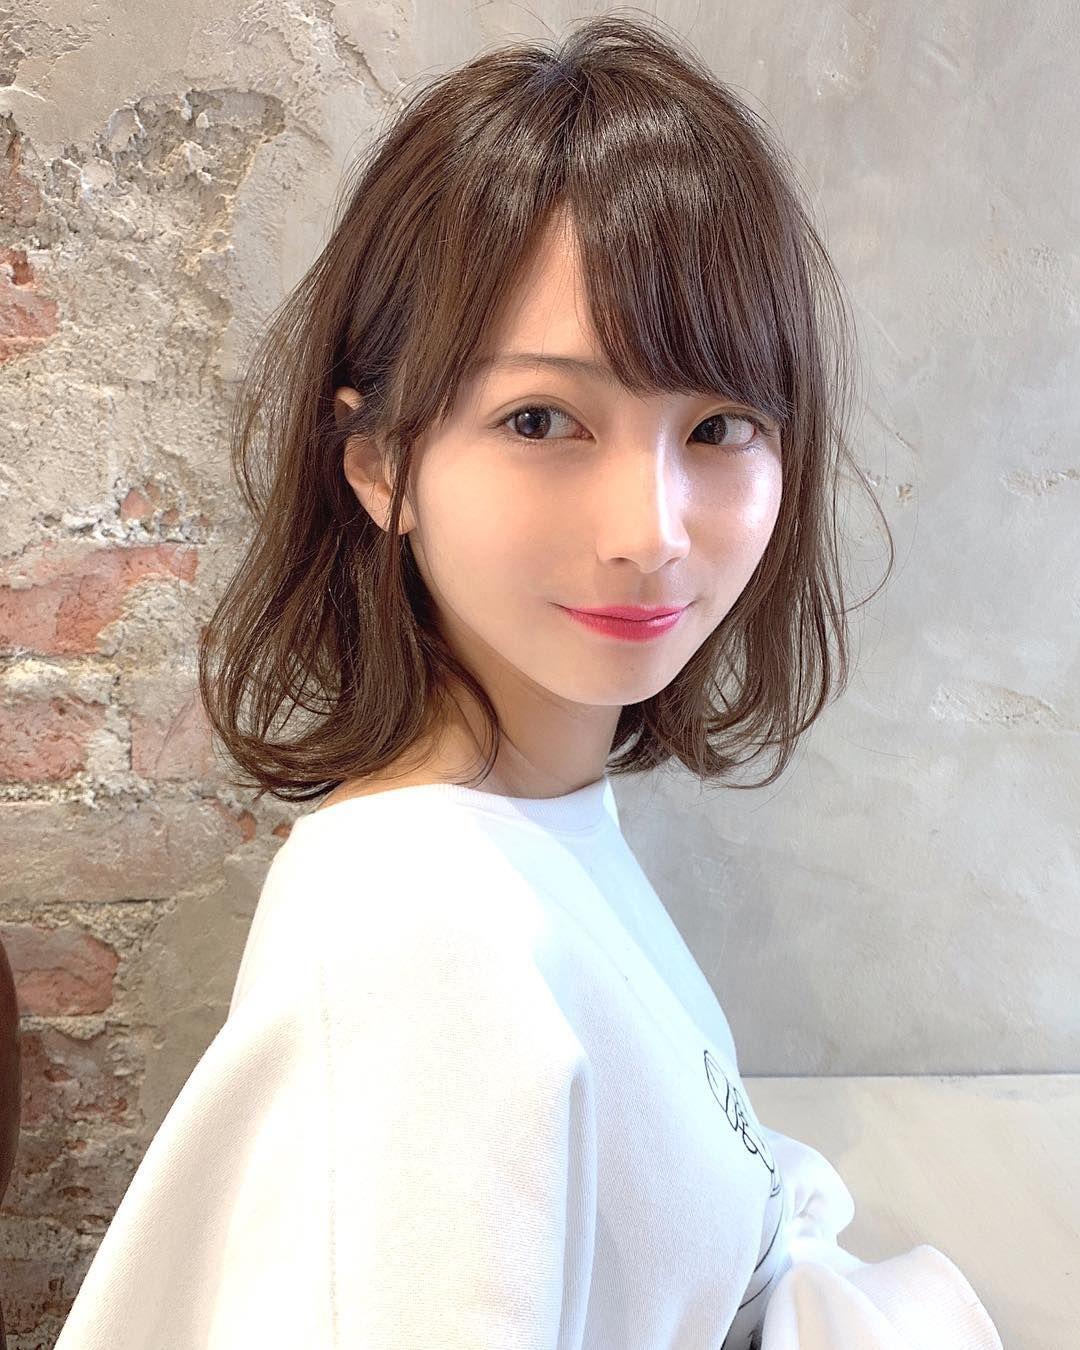 及川天和 新宿美容室 ヘアカラー ヘアカタログ さんは